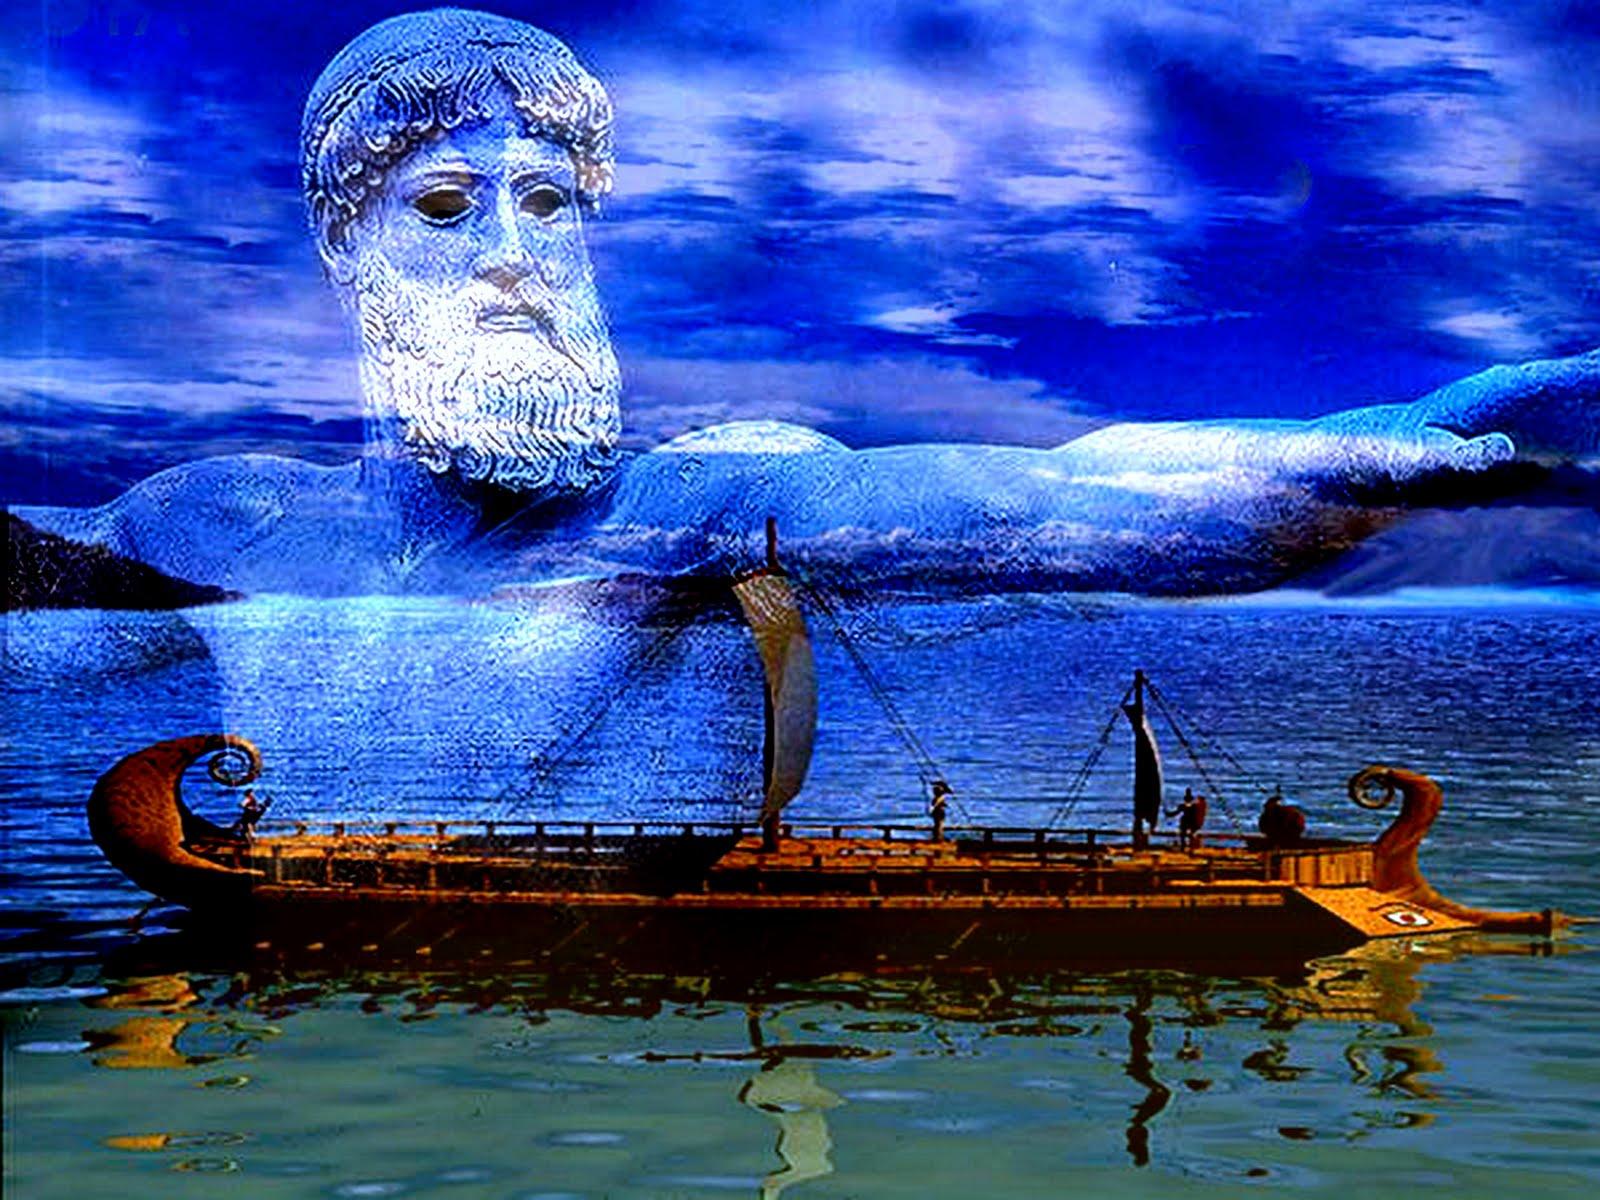 """Ναυμαχία Σαλαμίνας: Έτσι κατατρόπωσαν οι αρχαίοι Έλληνες τους Πέρσες, ο ρόλος του """"στρατηγού"""" άνεμου"""